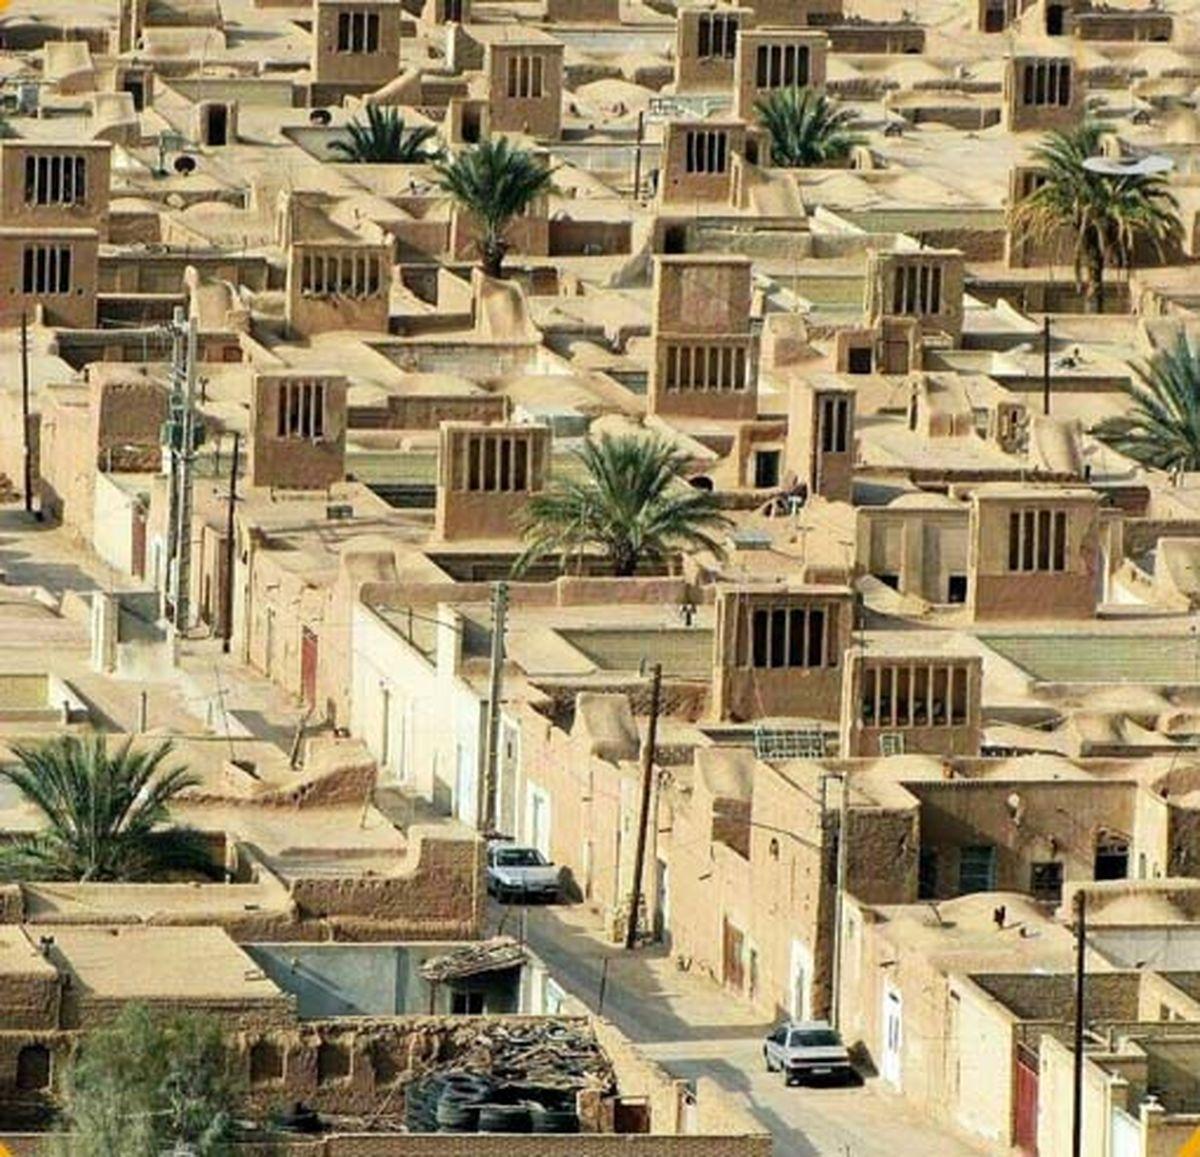 تصویری از منظم ترین روستای خشتی جهان